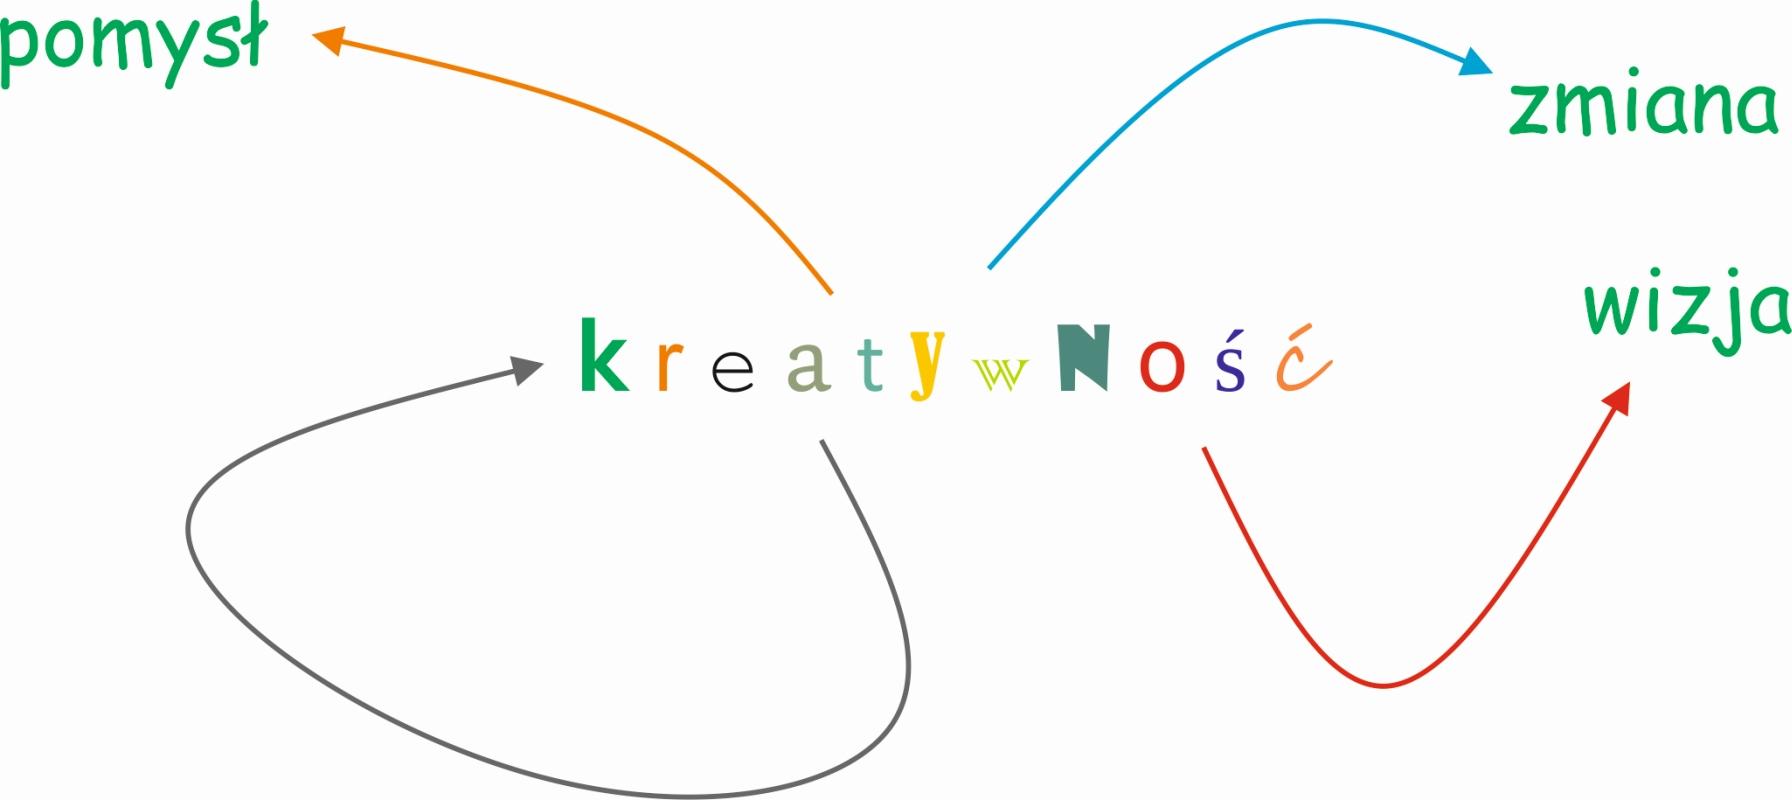 Po co operatorowi kreatywność?